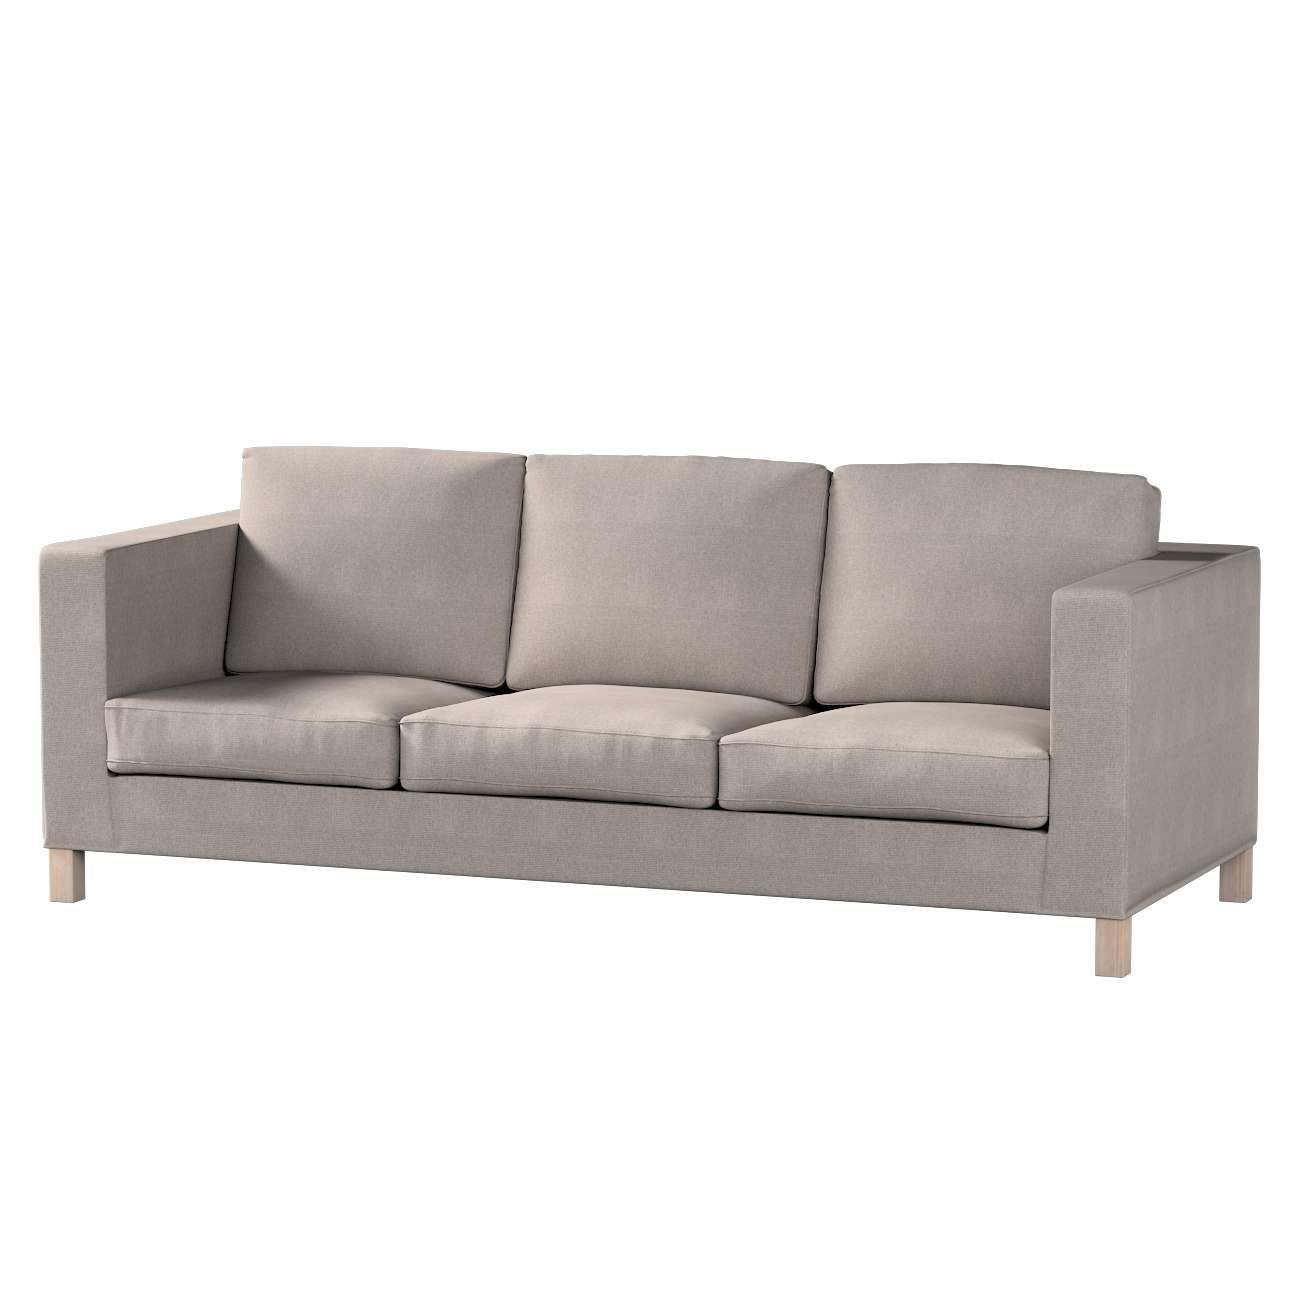 KARLANDA trivietės sofos užvalkalas KARLANDA trivietės sofos užvalkalas kolekcijoje Etna , audinys: 705-09